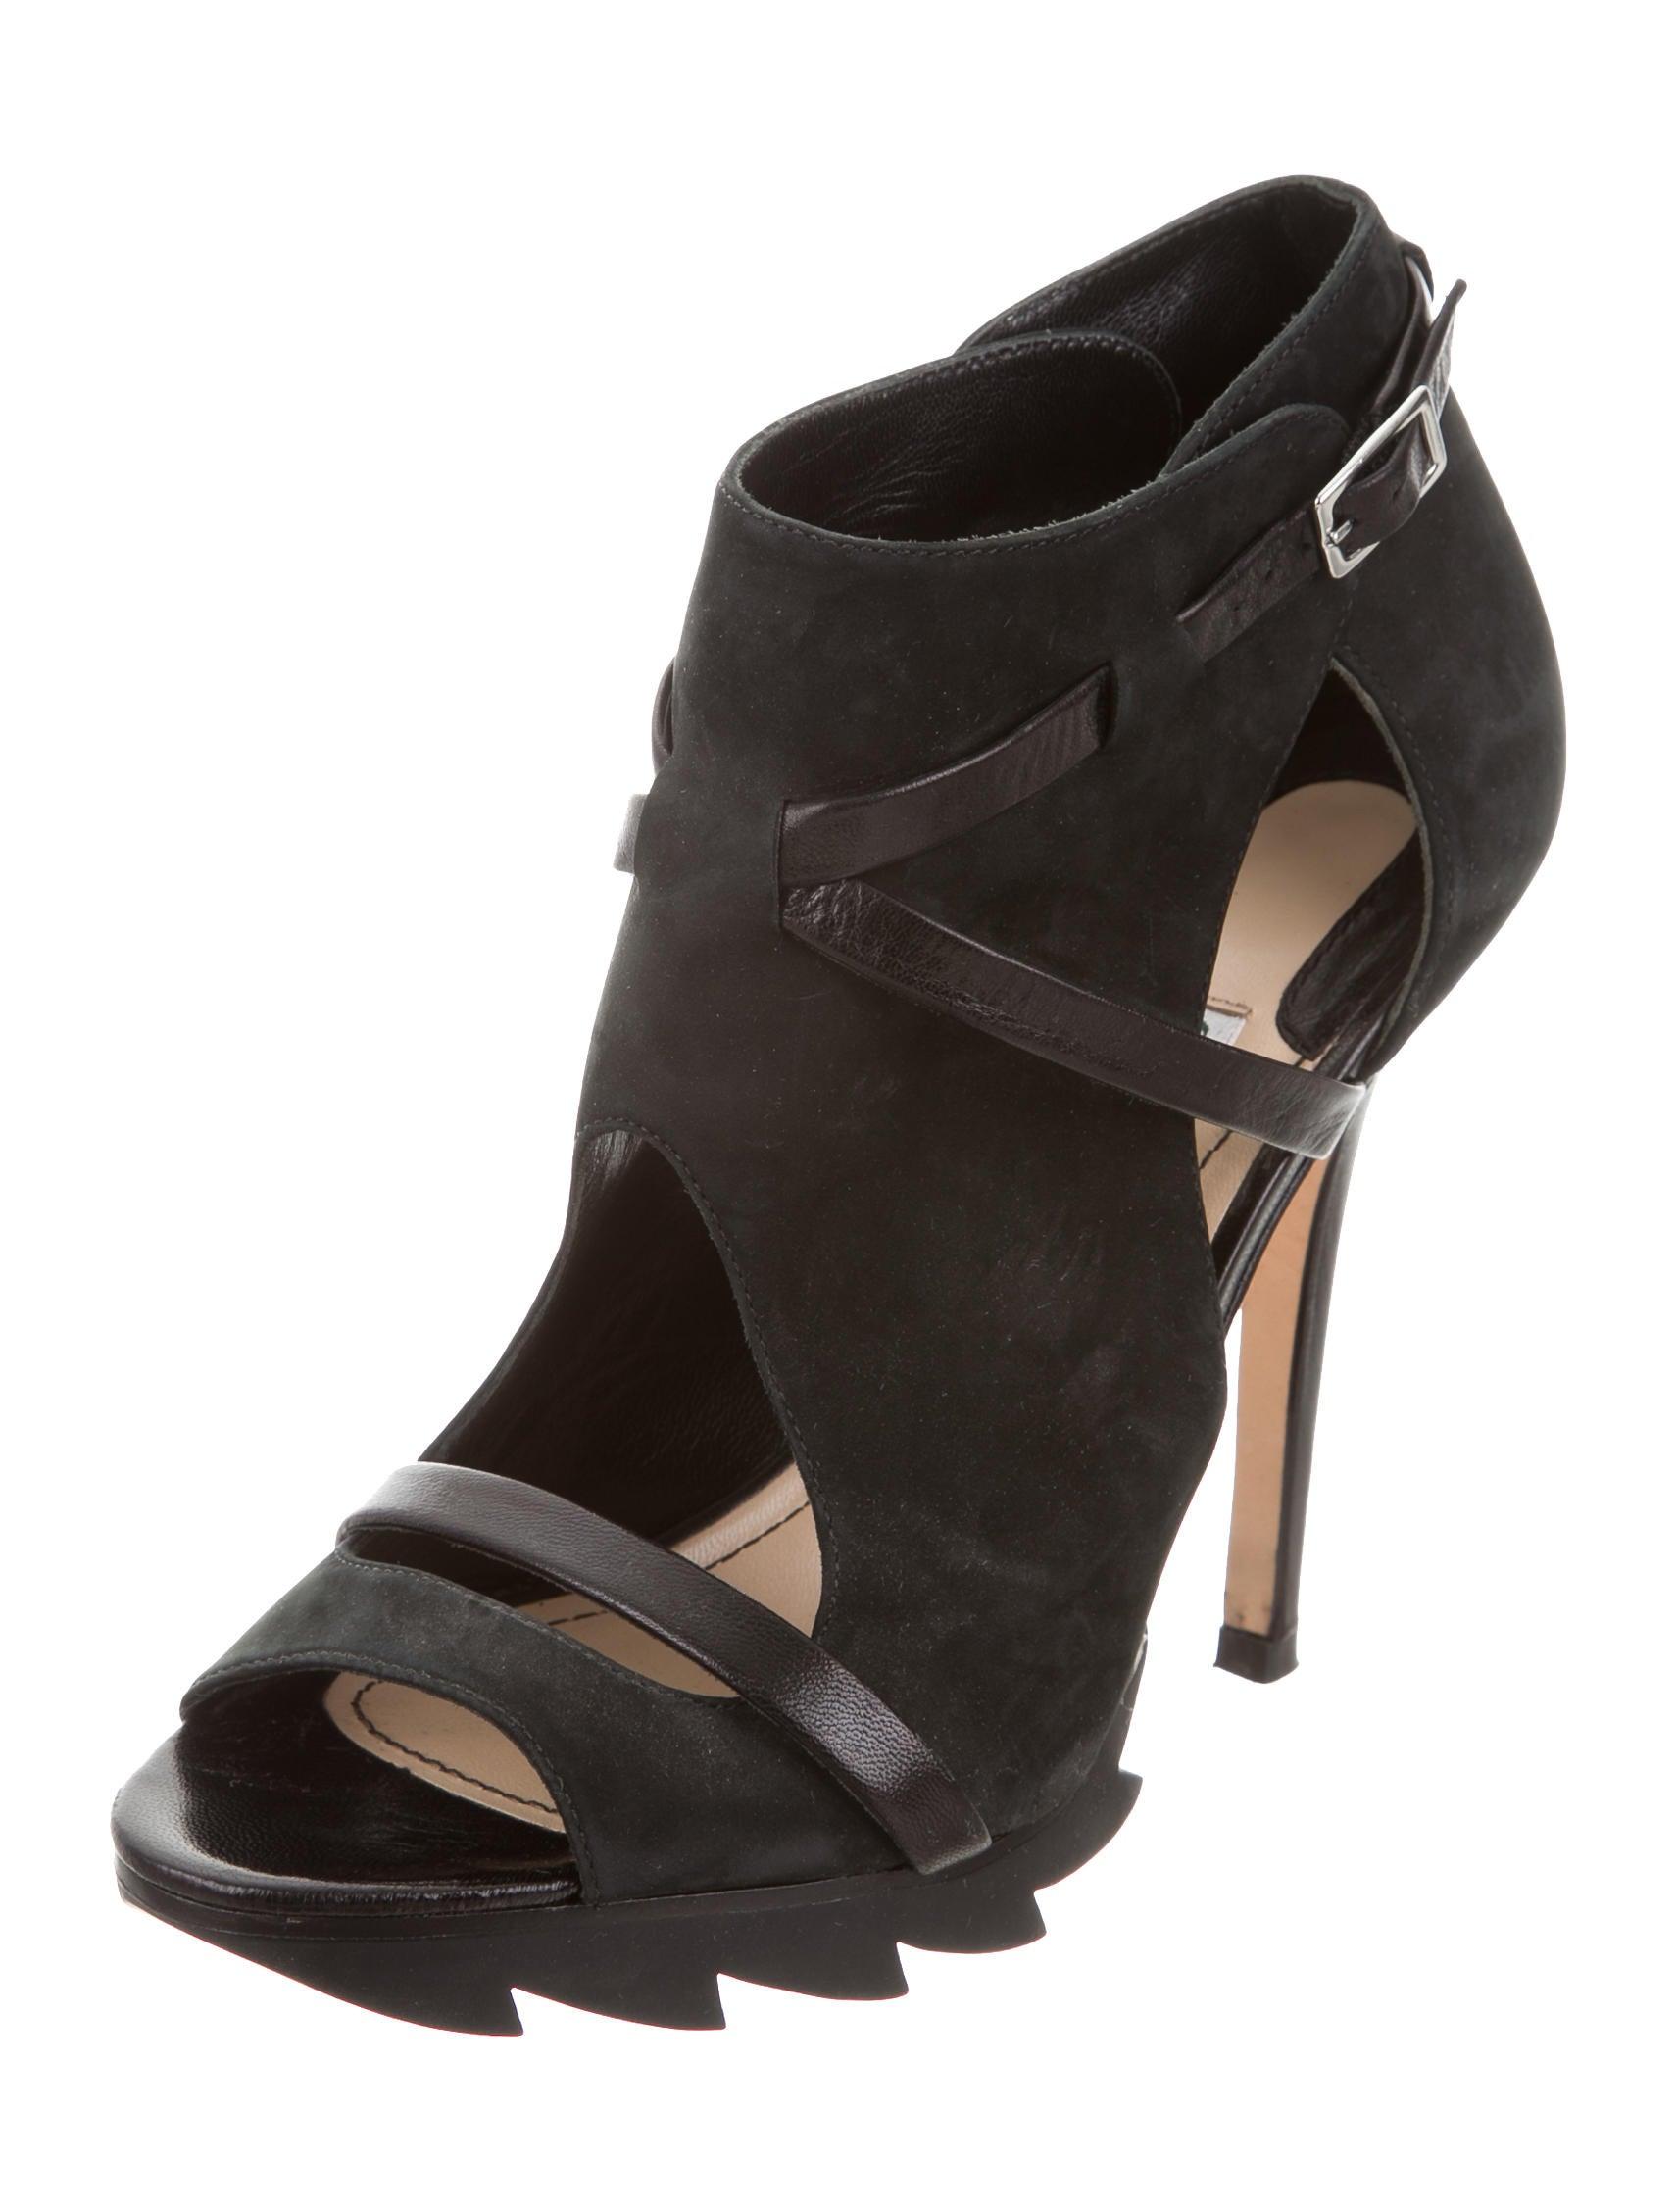 camilla skovgaard suede platform sandals shoes